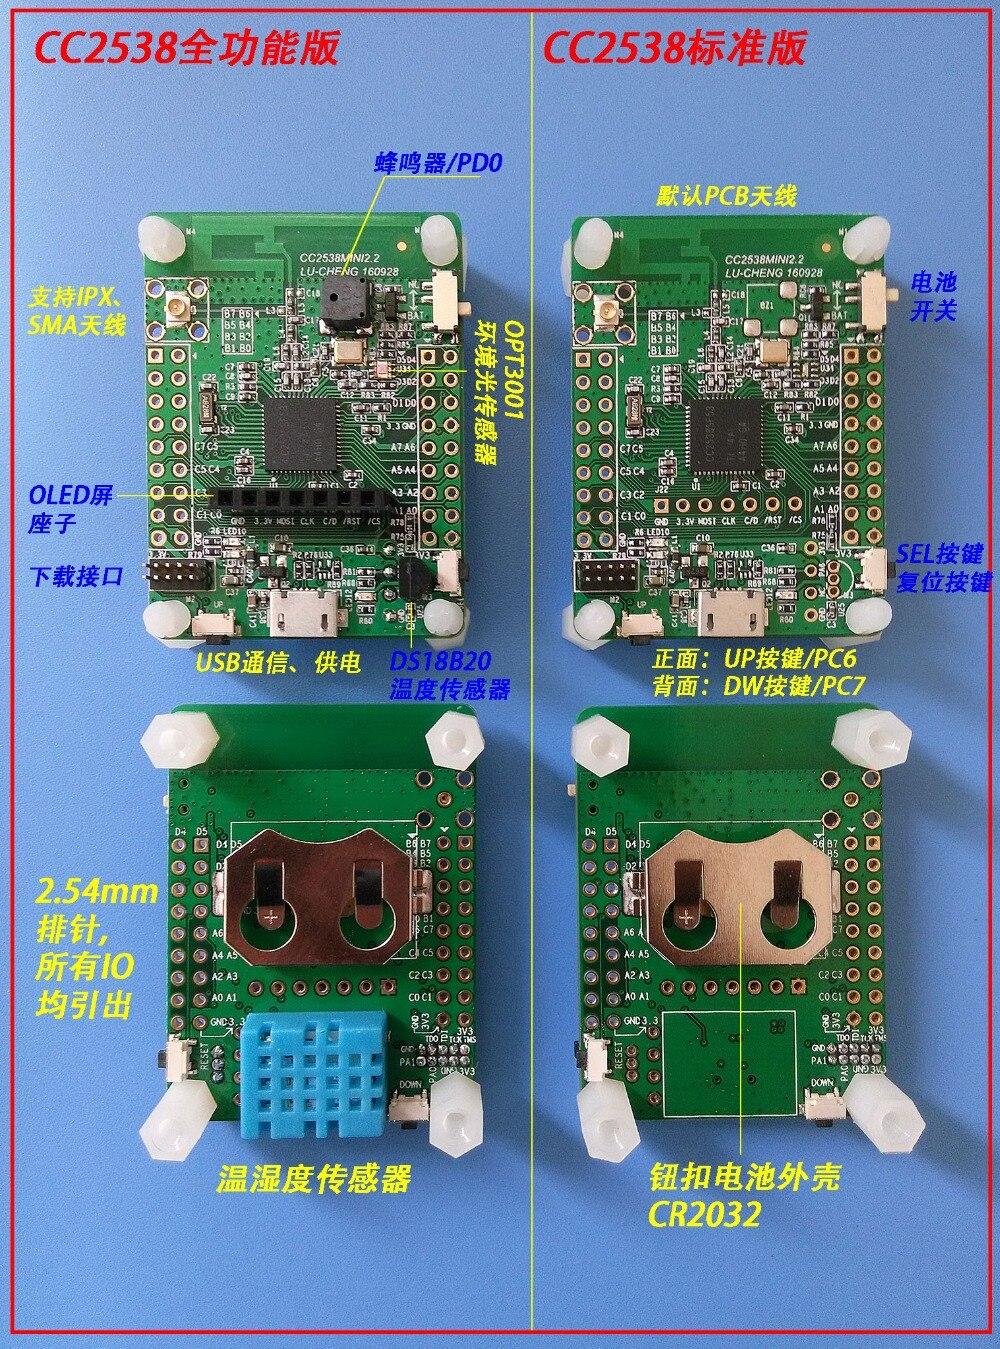 CC2538 Contiki 6lowPan ZigBee development board networking learning board<br>